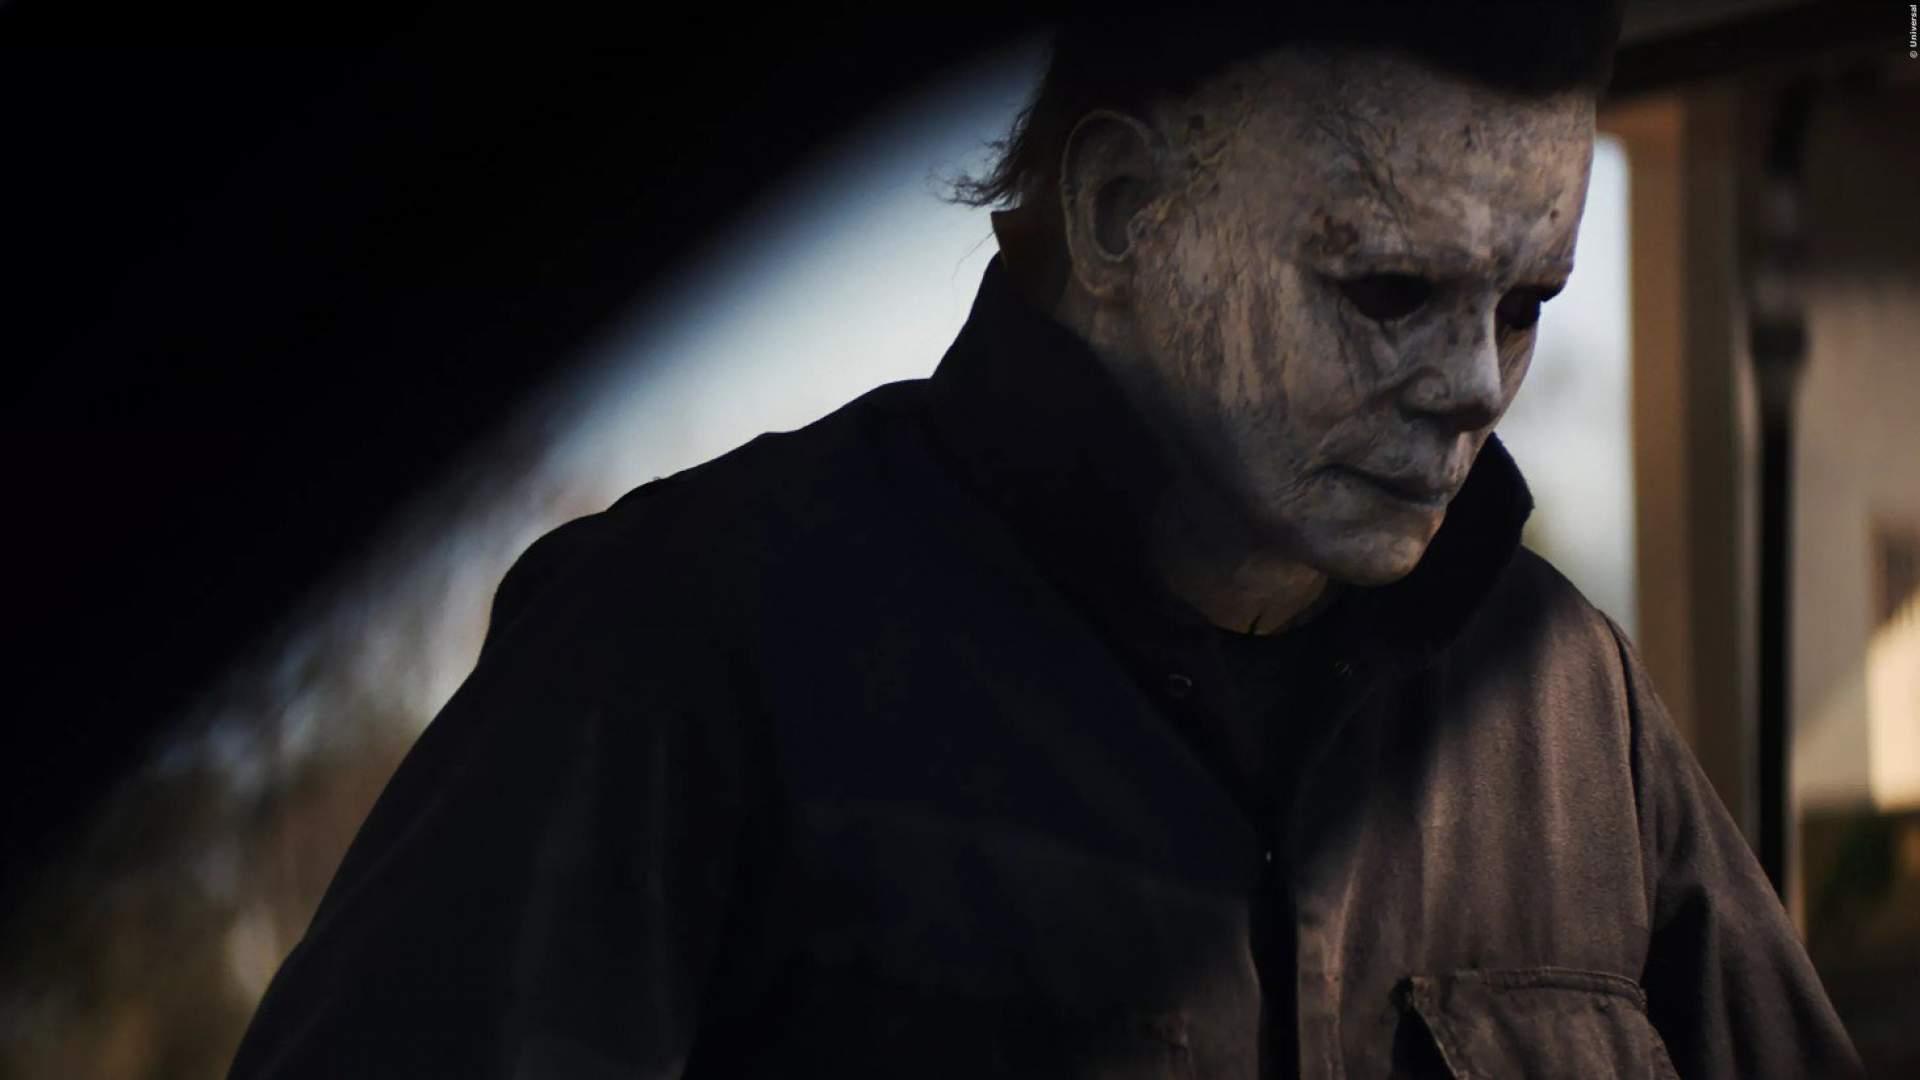 Halloween: Neue Bilder veröffentlicht - Bild 3 von 3